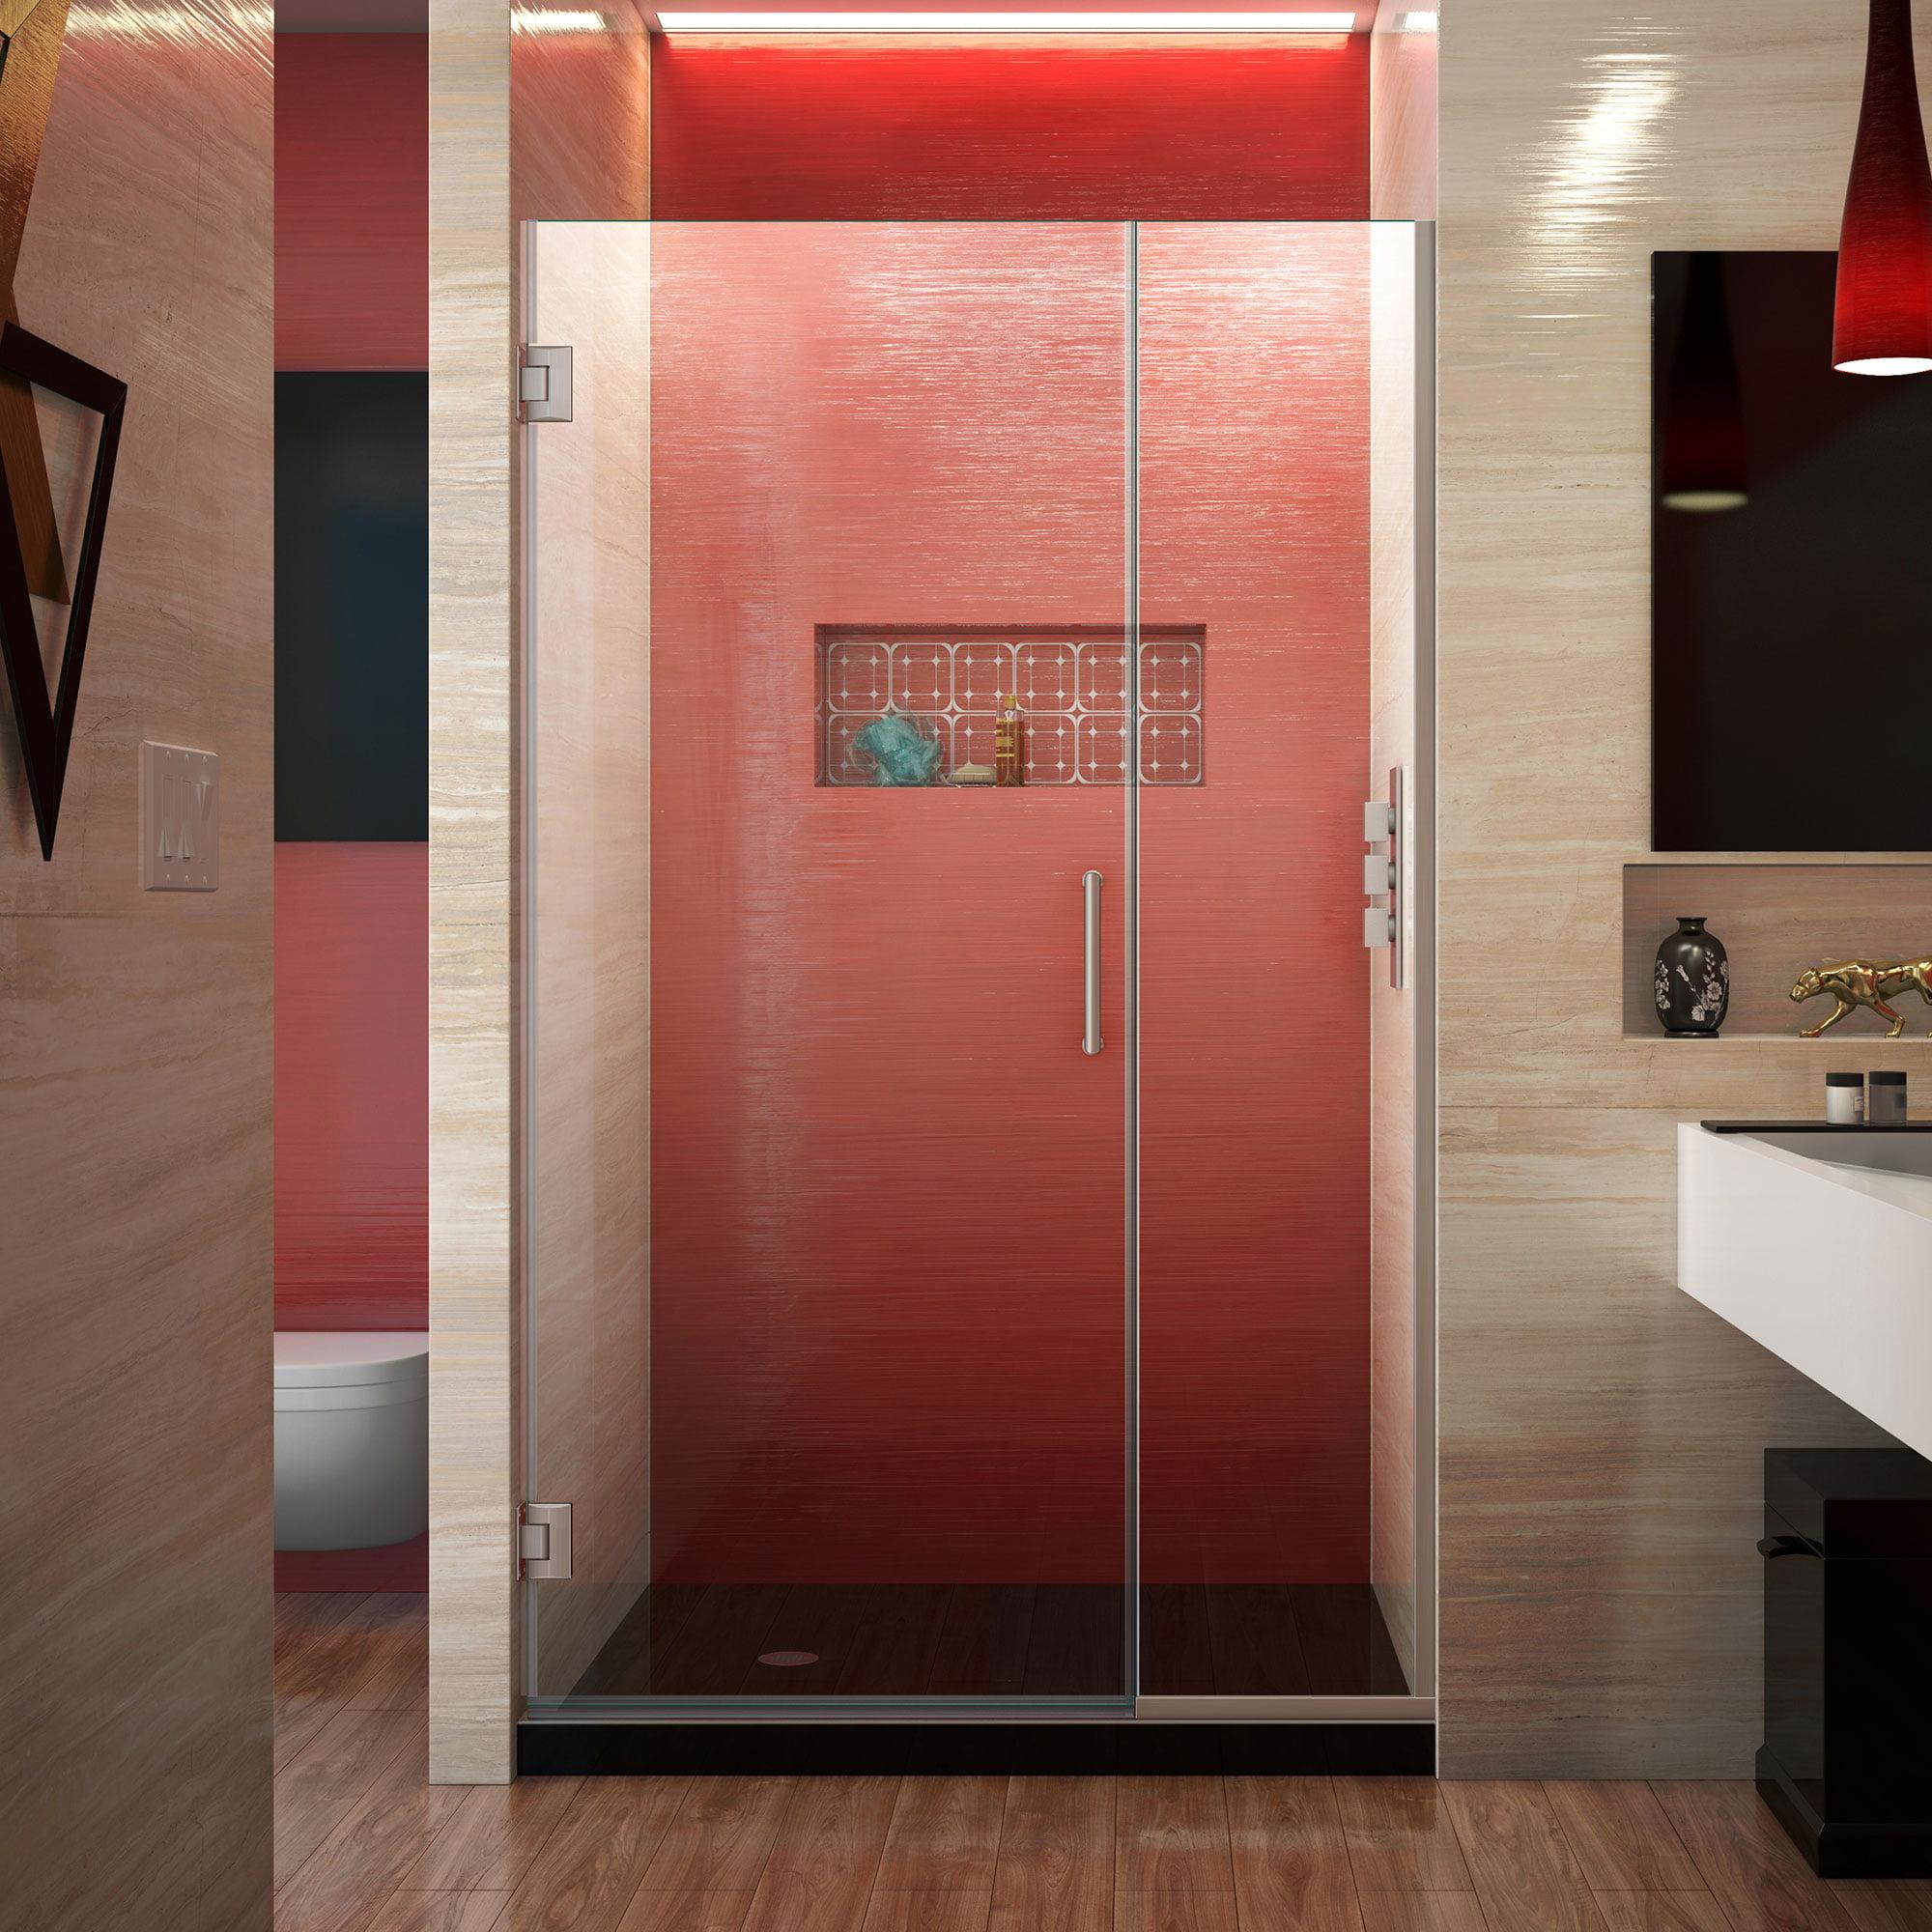 DreamLine Unidoor Plus 39 1/2 - 40 in. W x 72 in. H Frameless Hinged Shower Door in Brushed Nickel